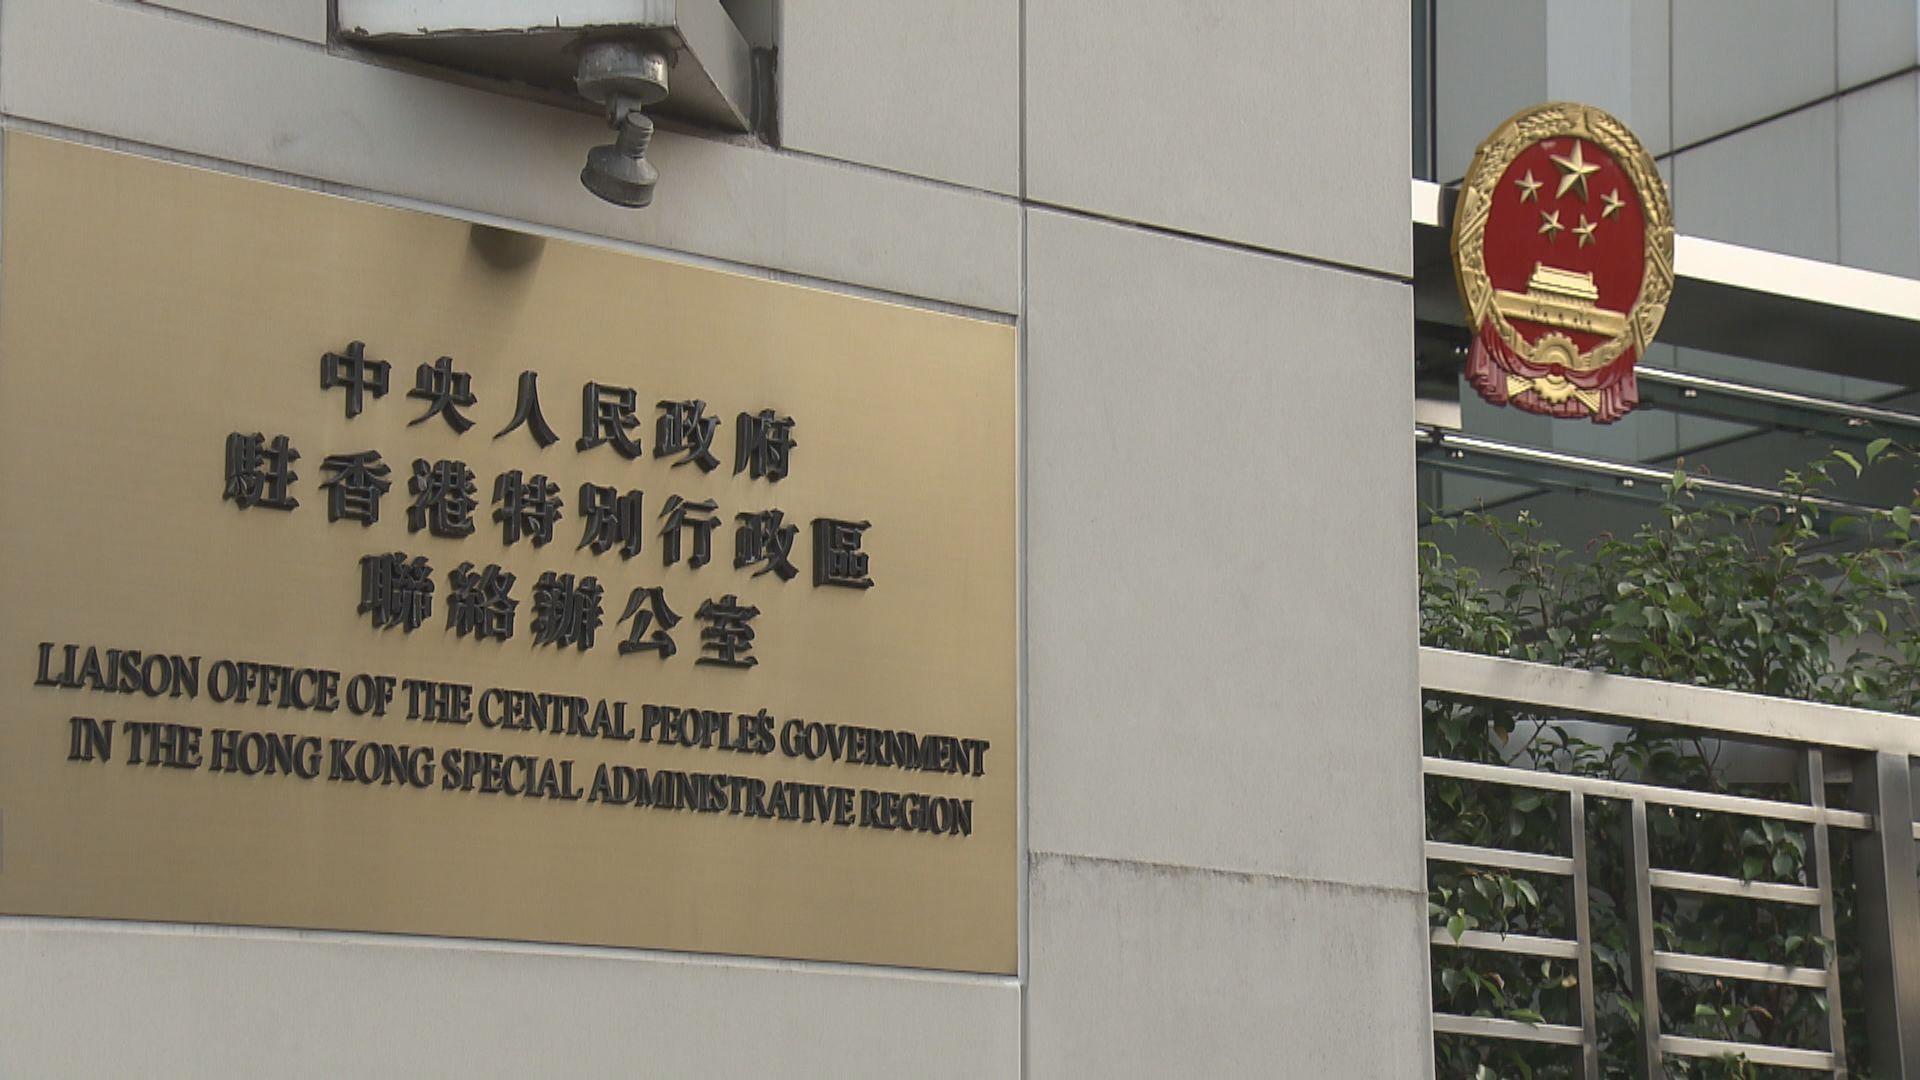 中聯辦就國安法向人大政協徵意見 已將意見書完整轉交